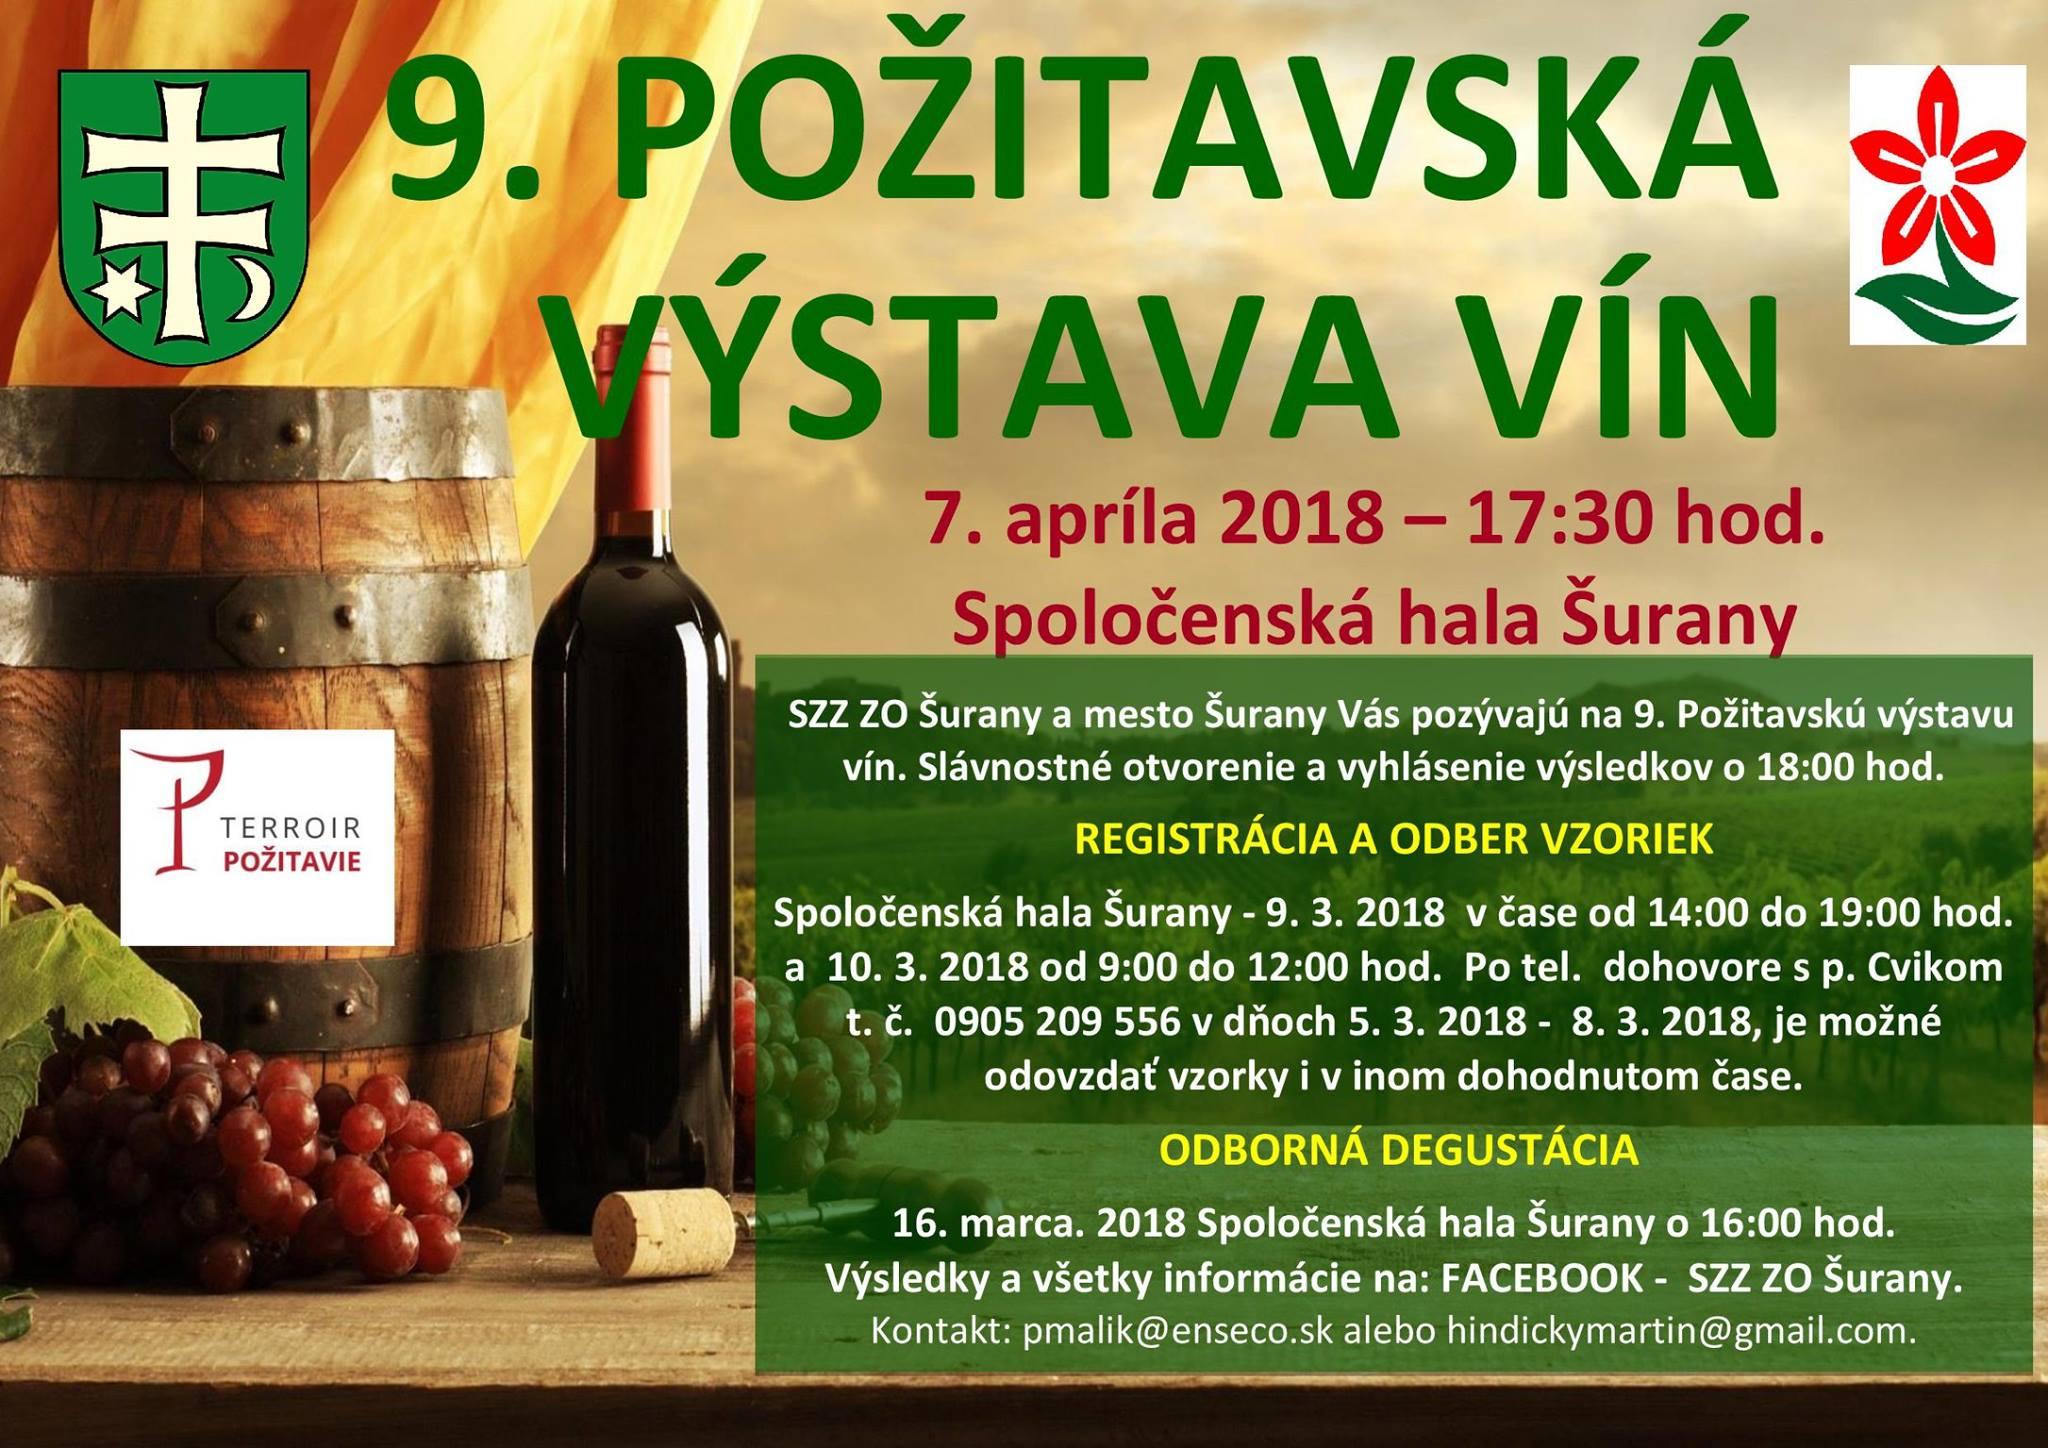 9. Požitavská výstava vín 2018